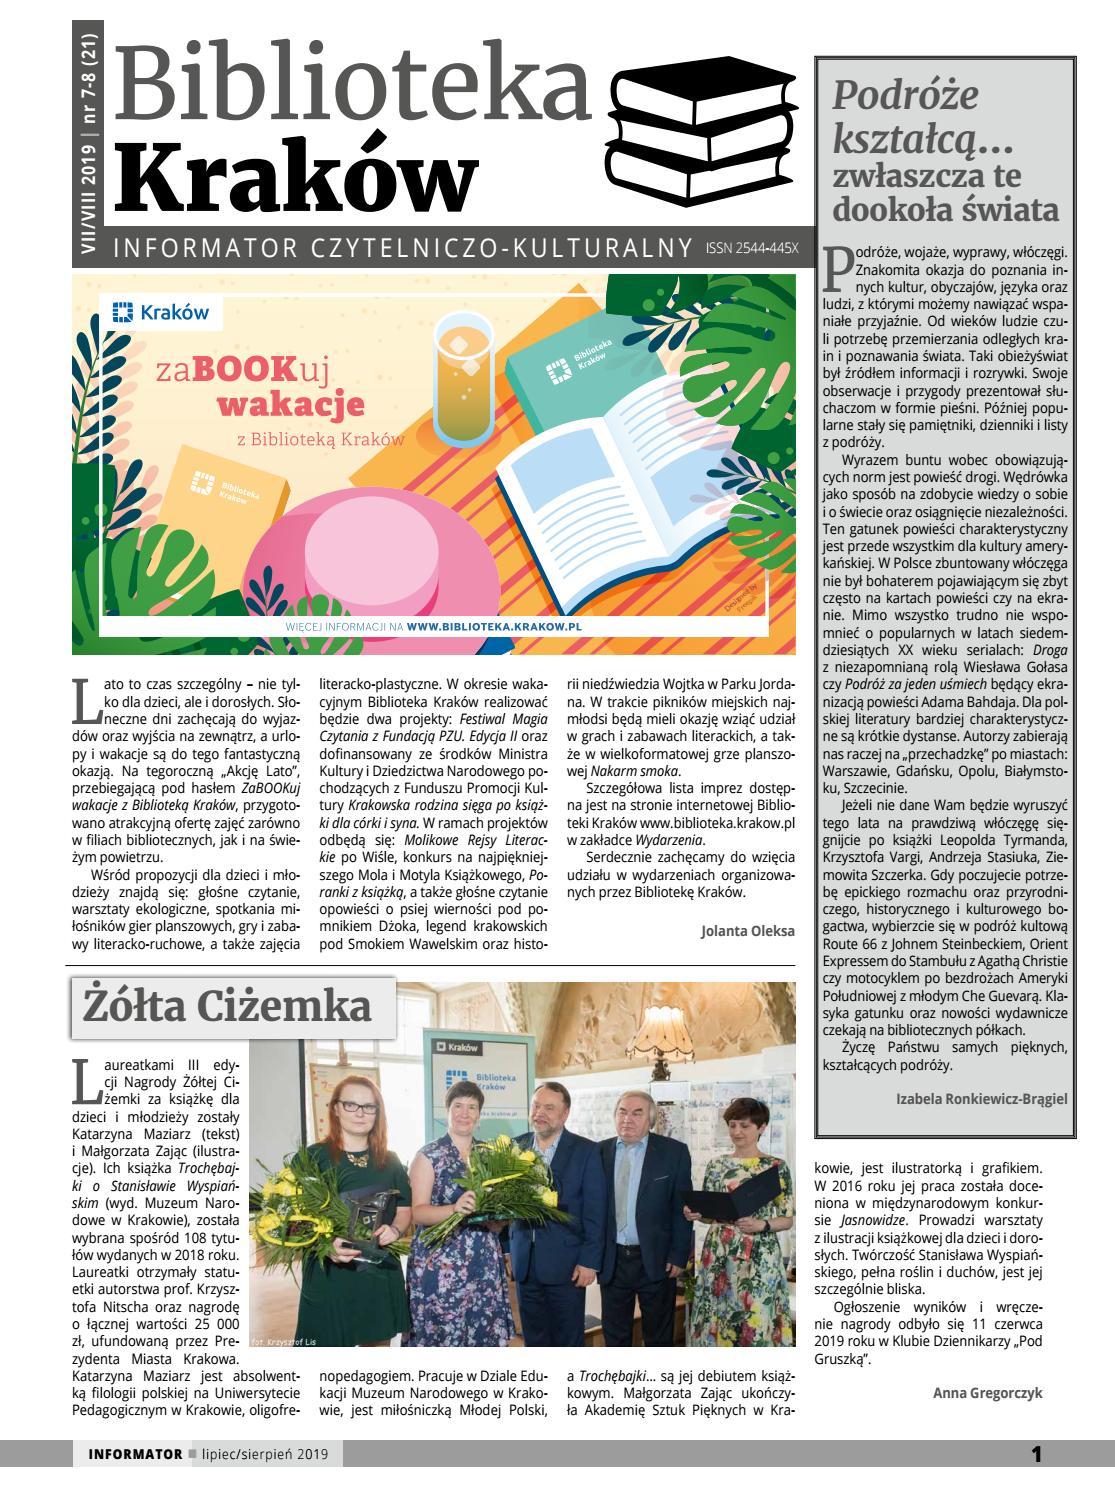 Biblioteka Kraków Informator Czytelniczo Kulturalny Lipiec